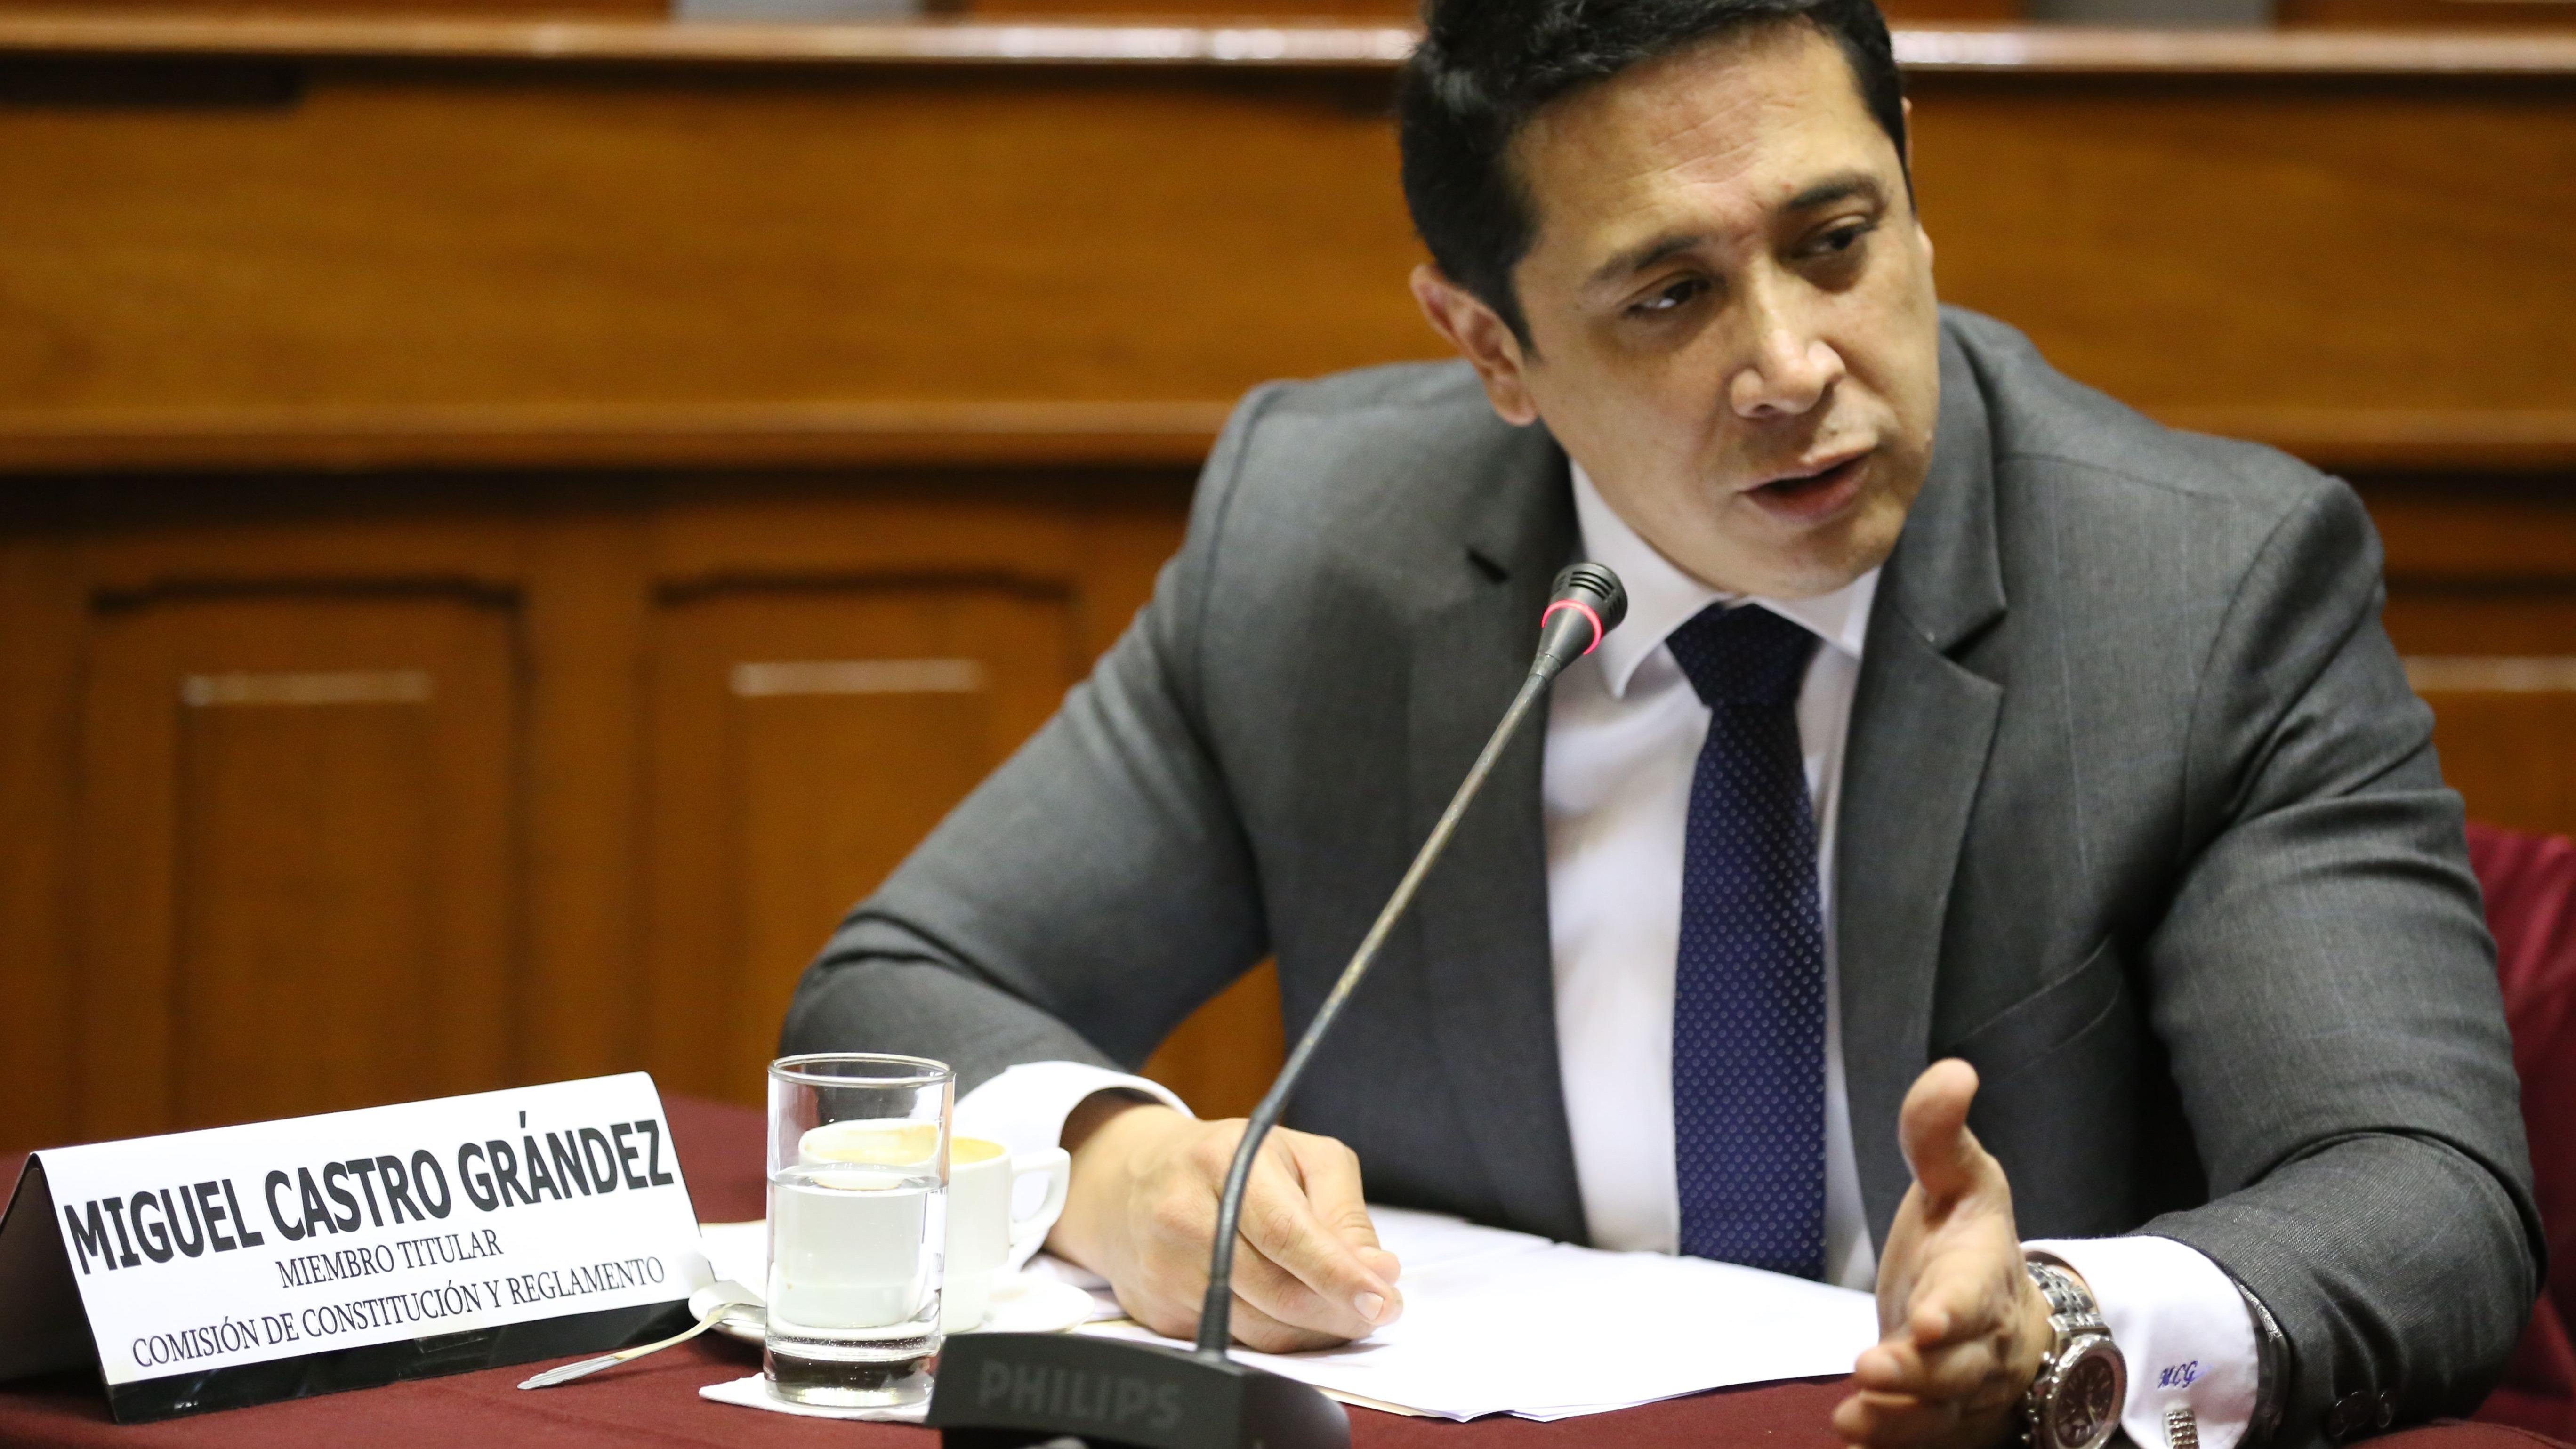 El fiscal José Domingo Pérez reveló el testimonio durante el pedido de prisión preventiva por el presunto delito de lavado de activos a Keiko Fujimori y otros 10 investigados.